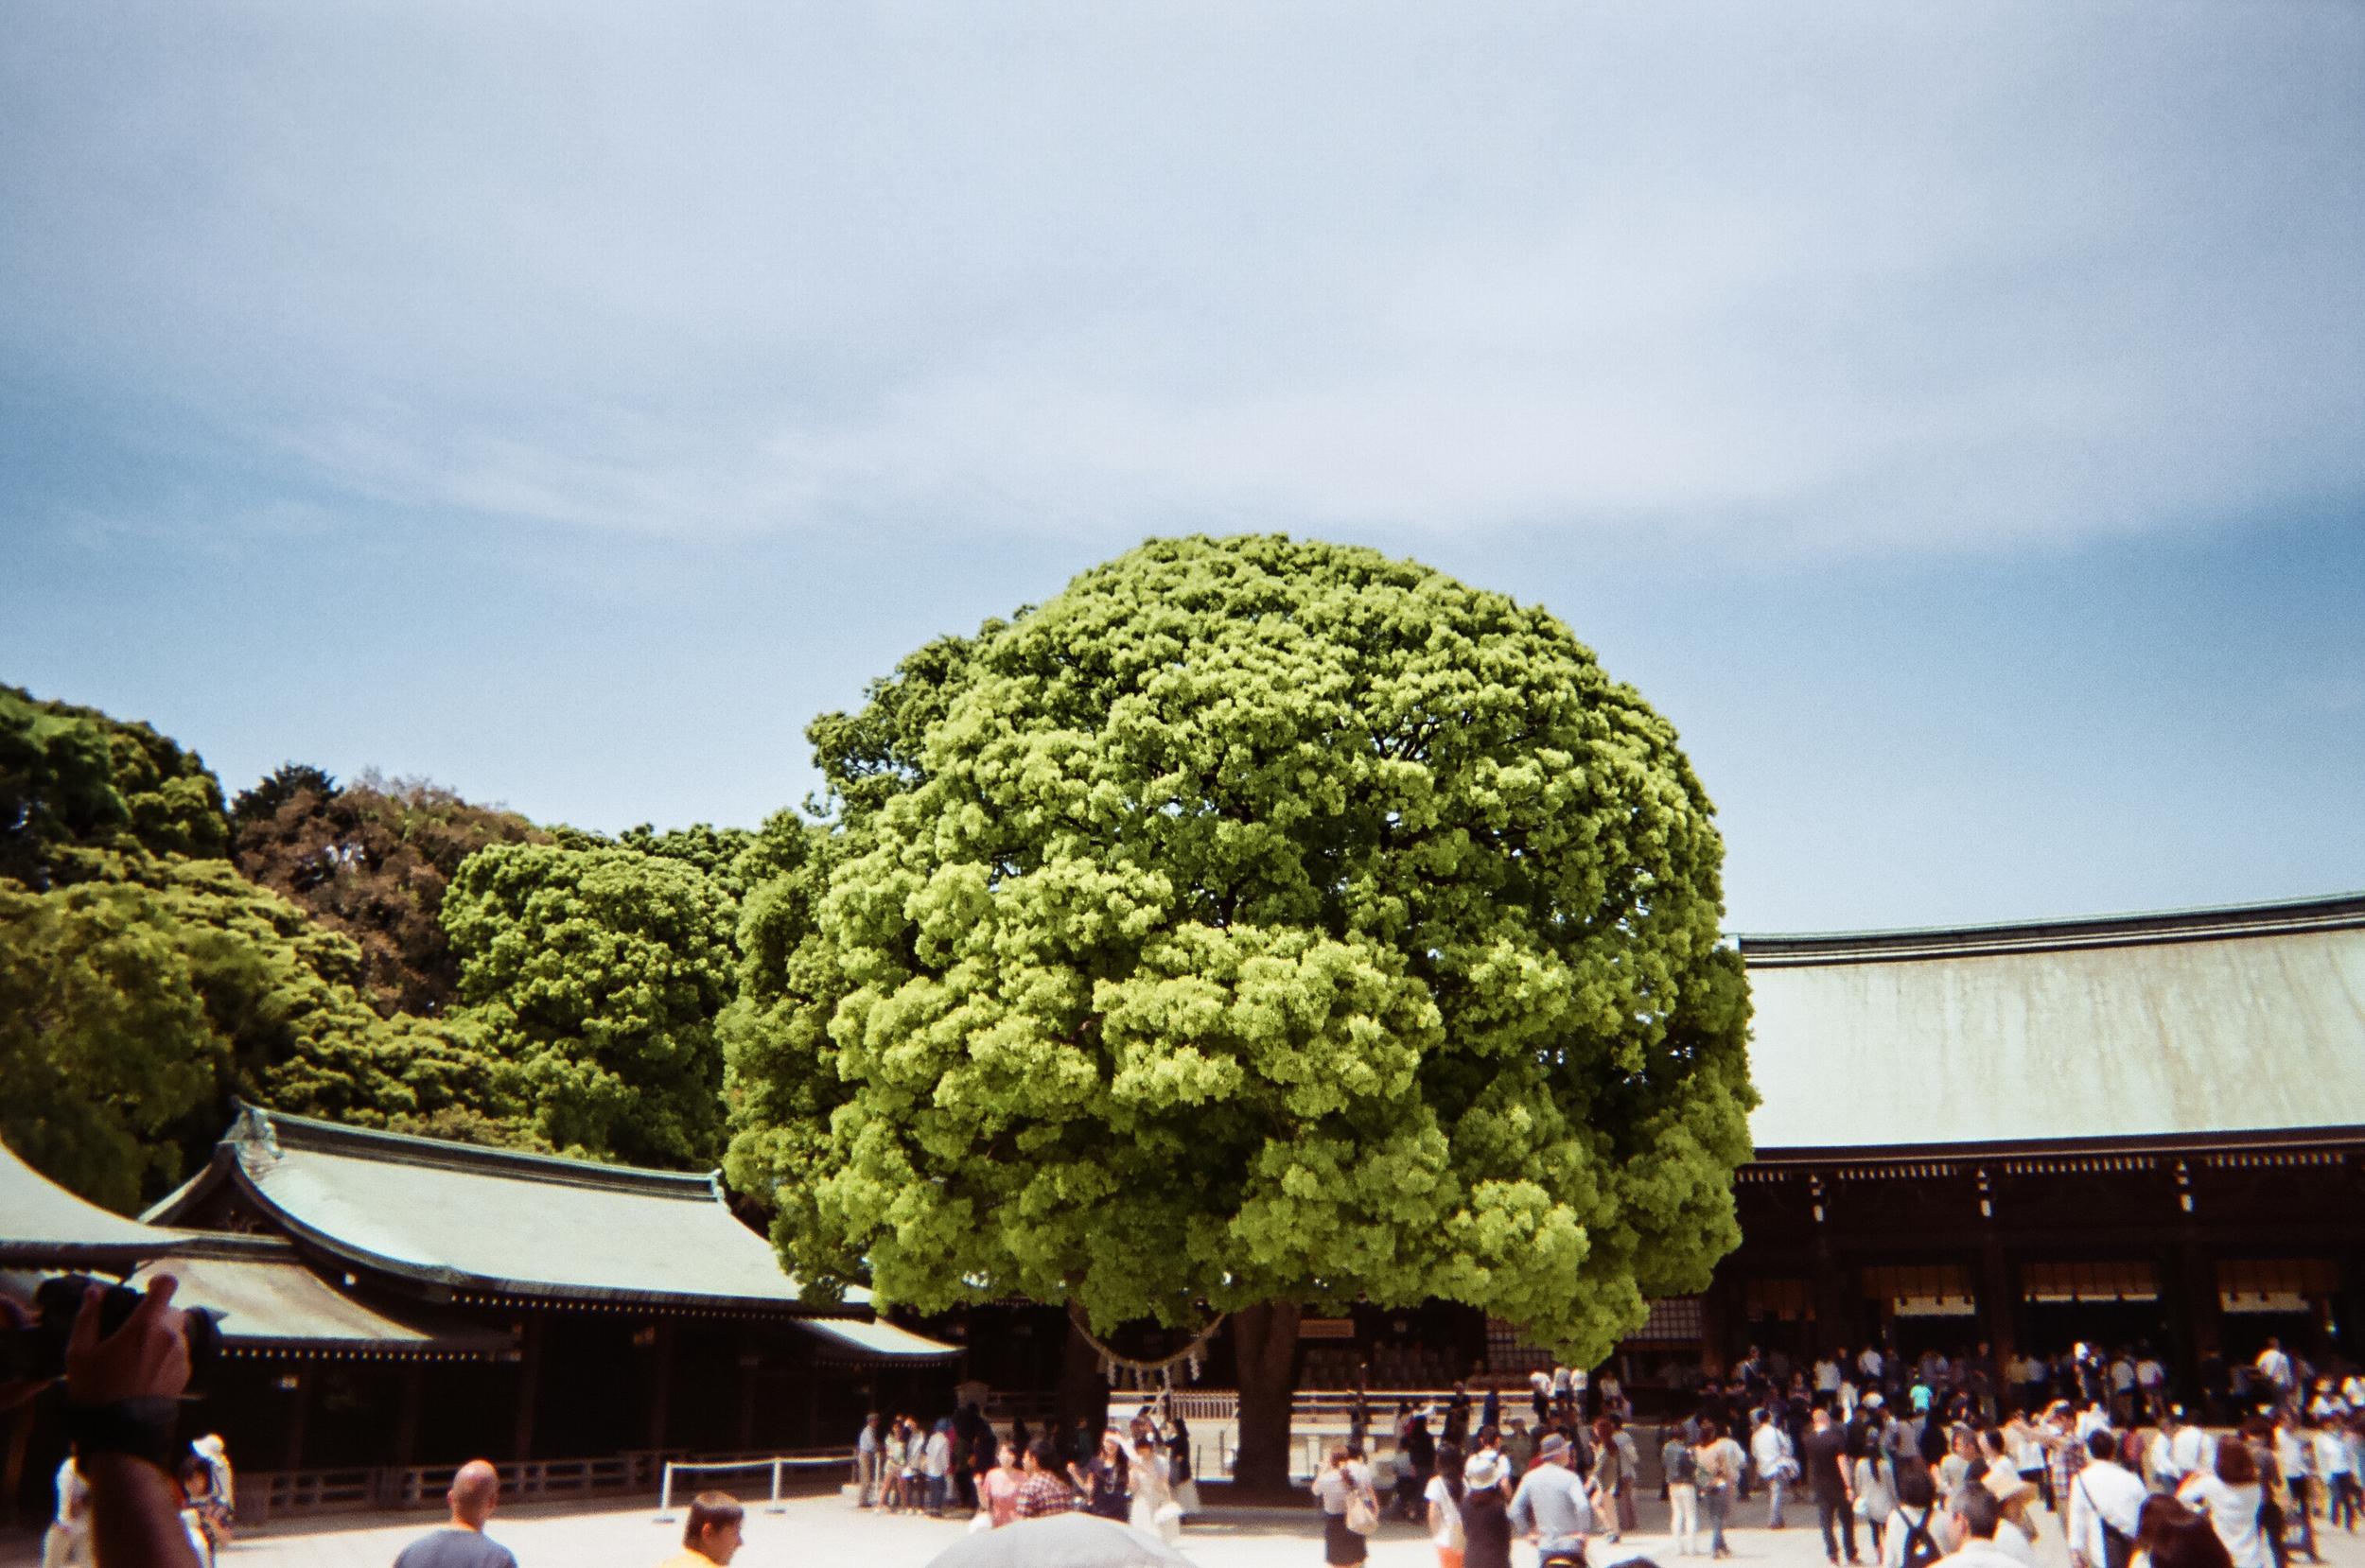 Meiji Jingu Temple in Yoyogi Park